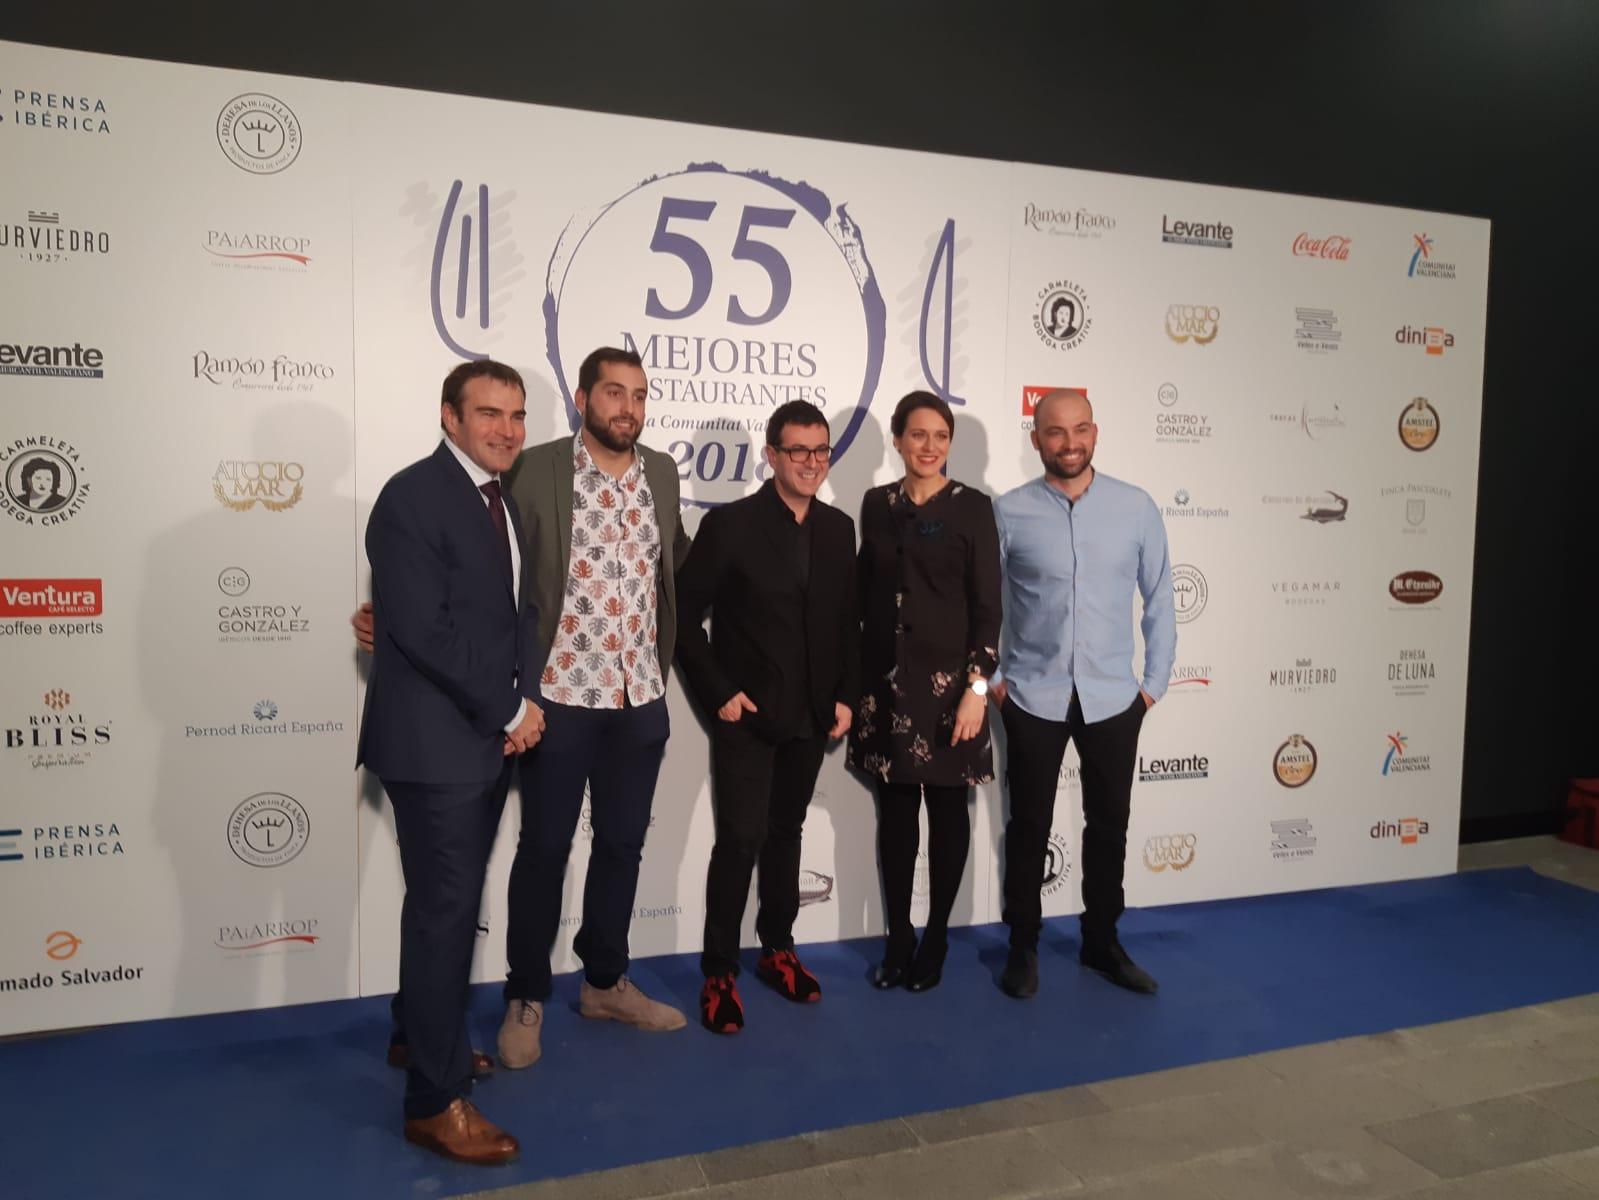 """El chef Bruno Ruiz, del restaurante Aticcook, una de las jóvenes promesas en la guía """"55 mejores restaurantes de la comunidad valenciana 2018"""""""